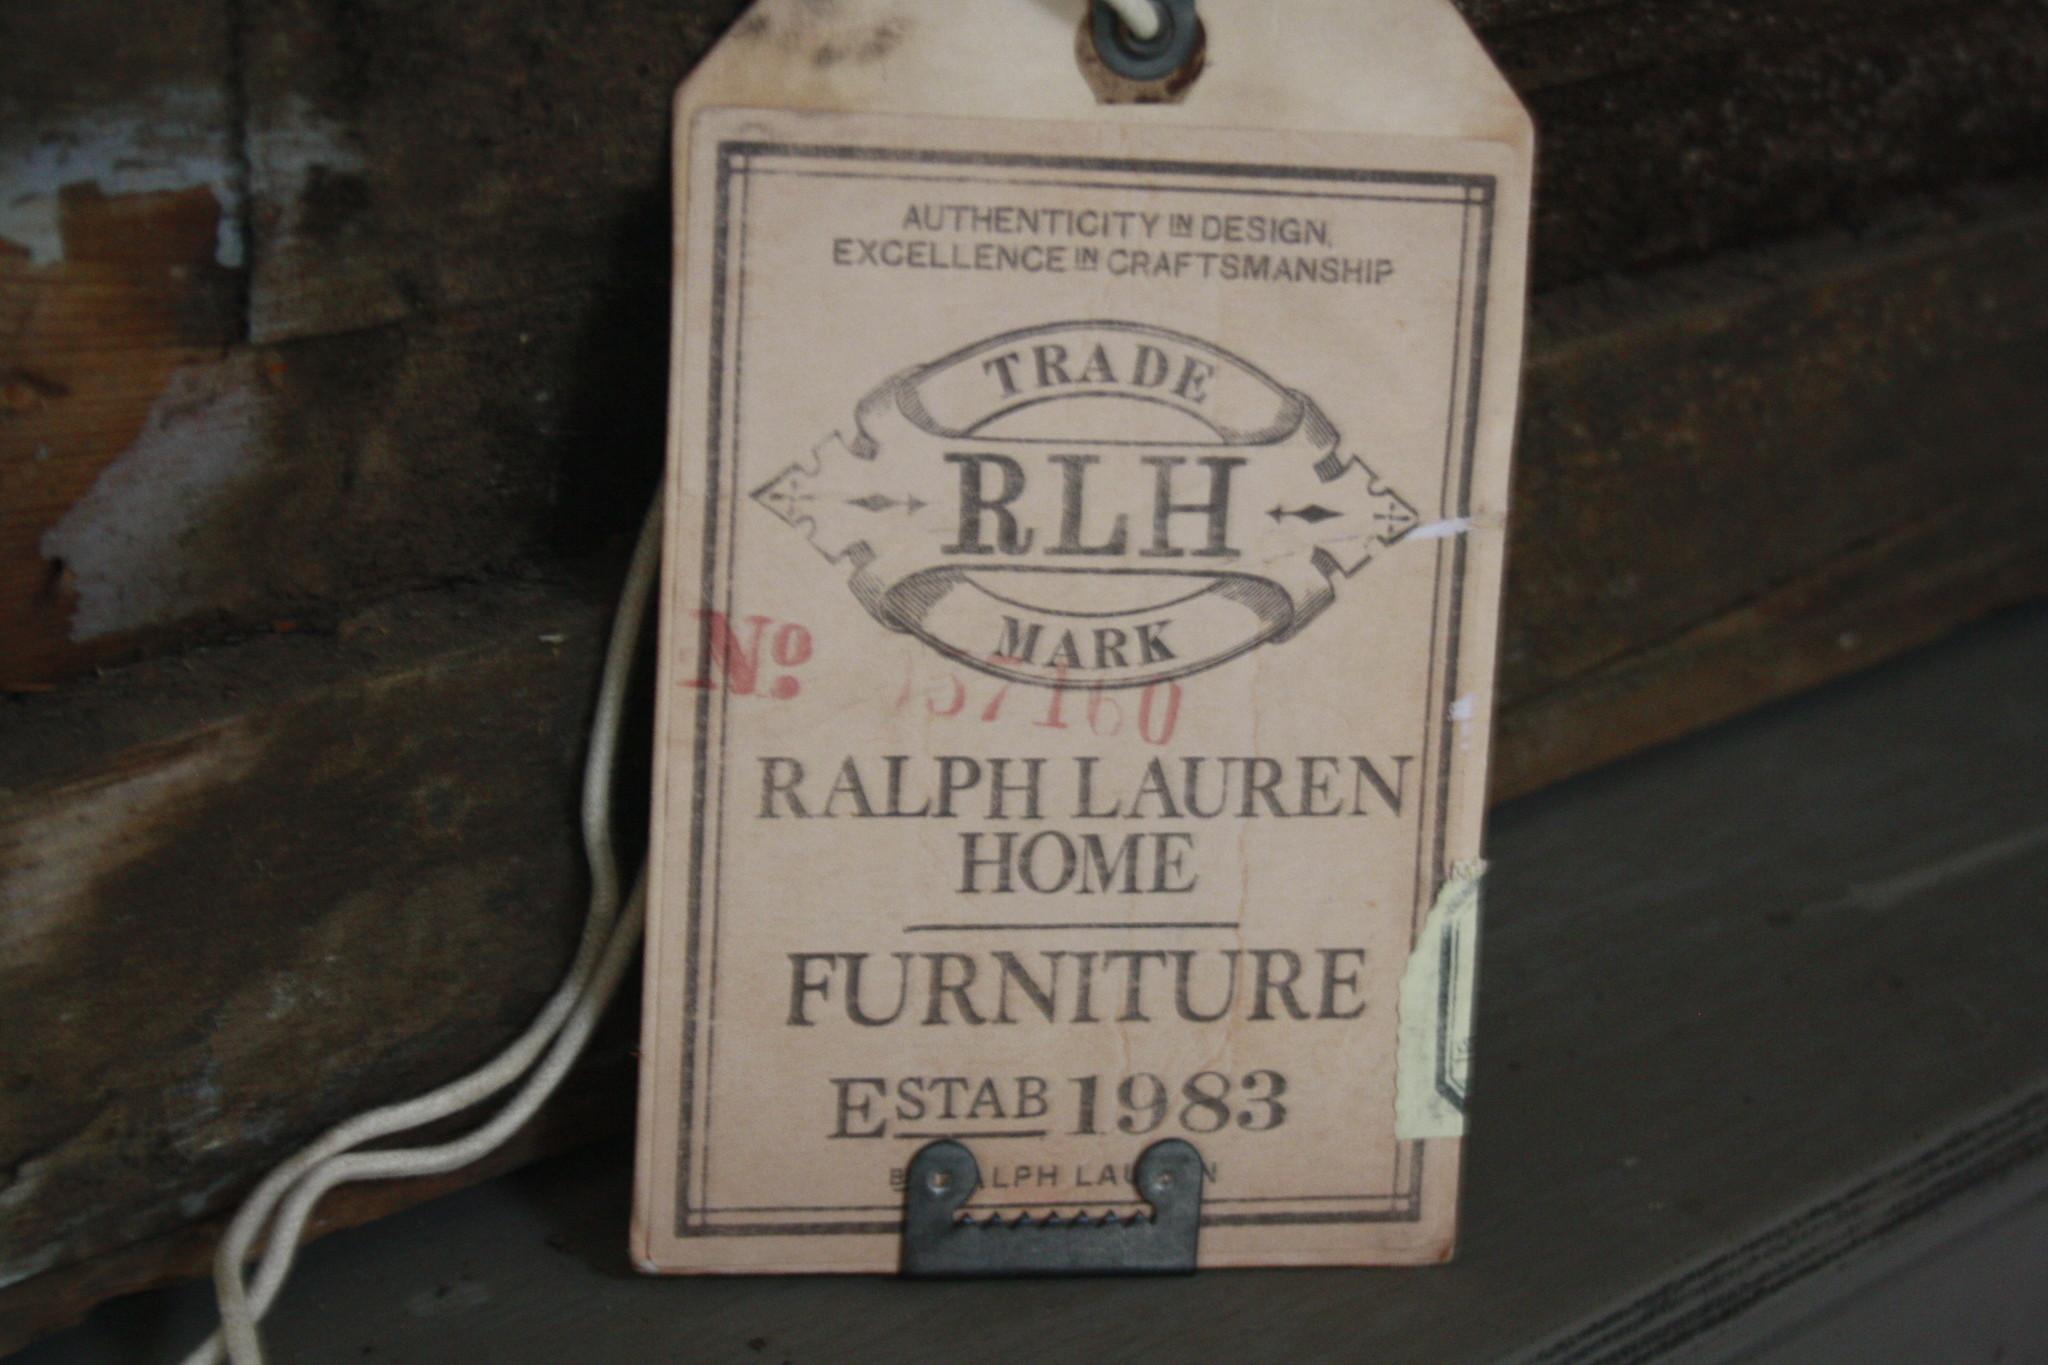 Ralph Lauren Avaro Hoge Houten Open Kast 237 cm 3-vaks Ralp Lauren-7